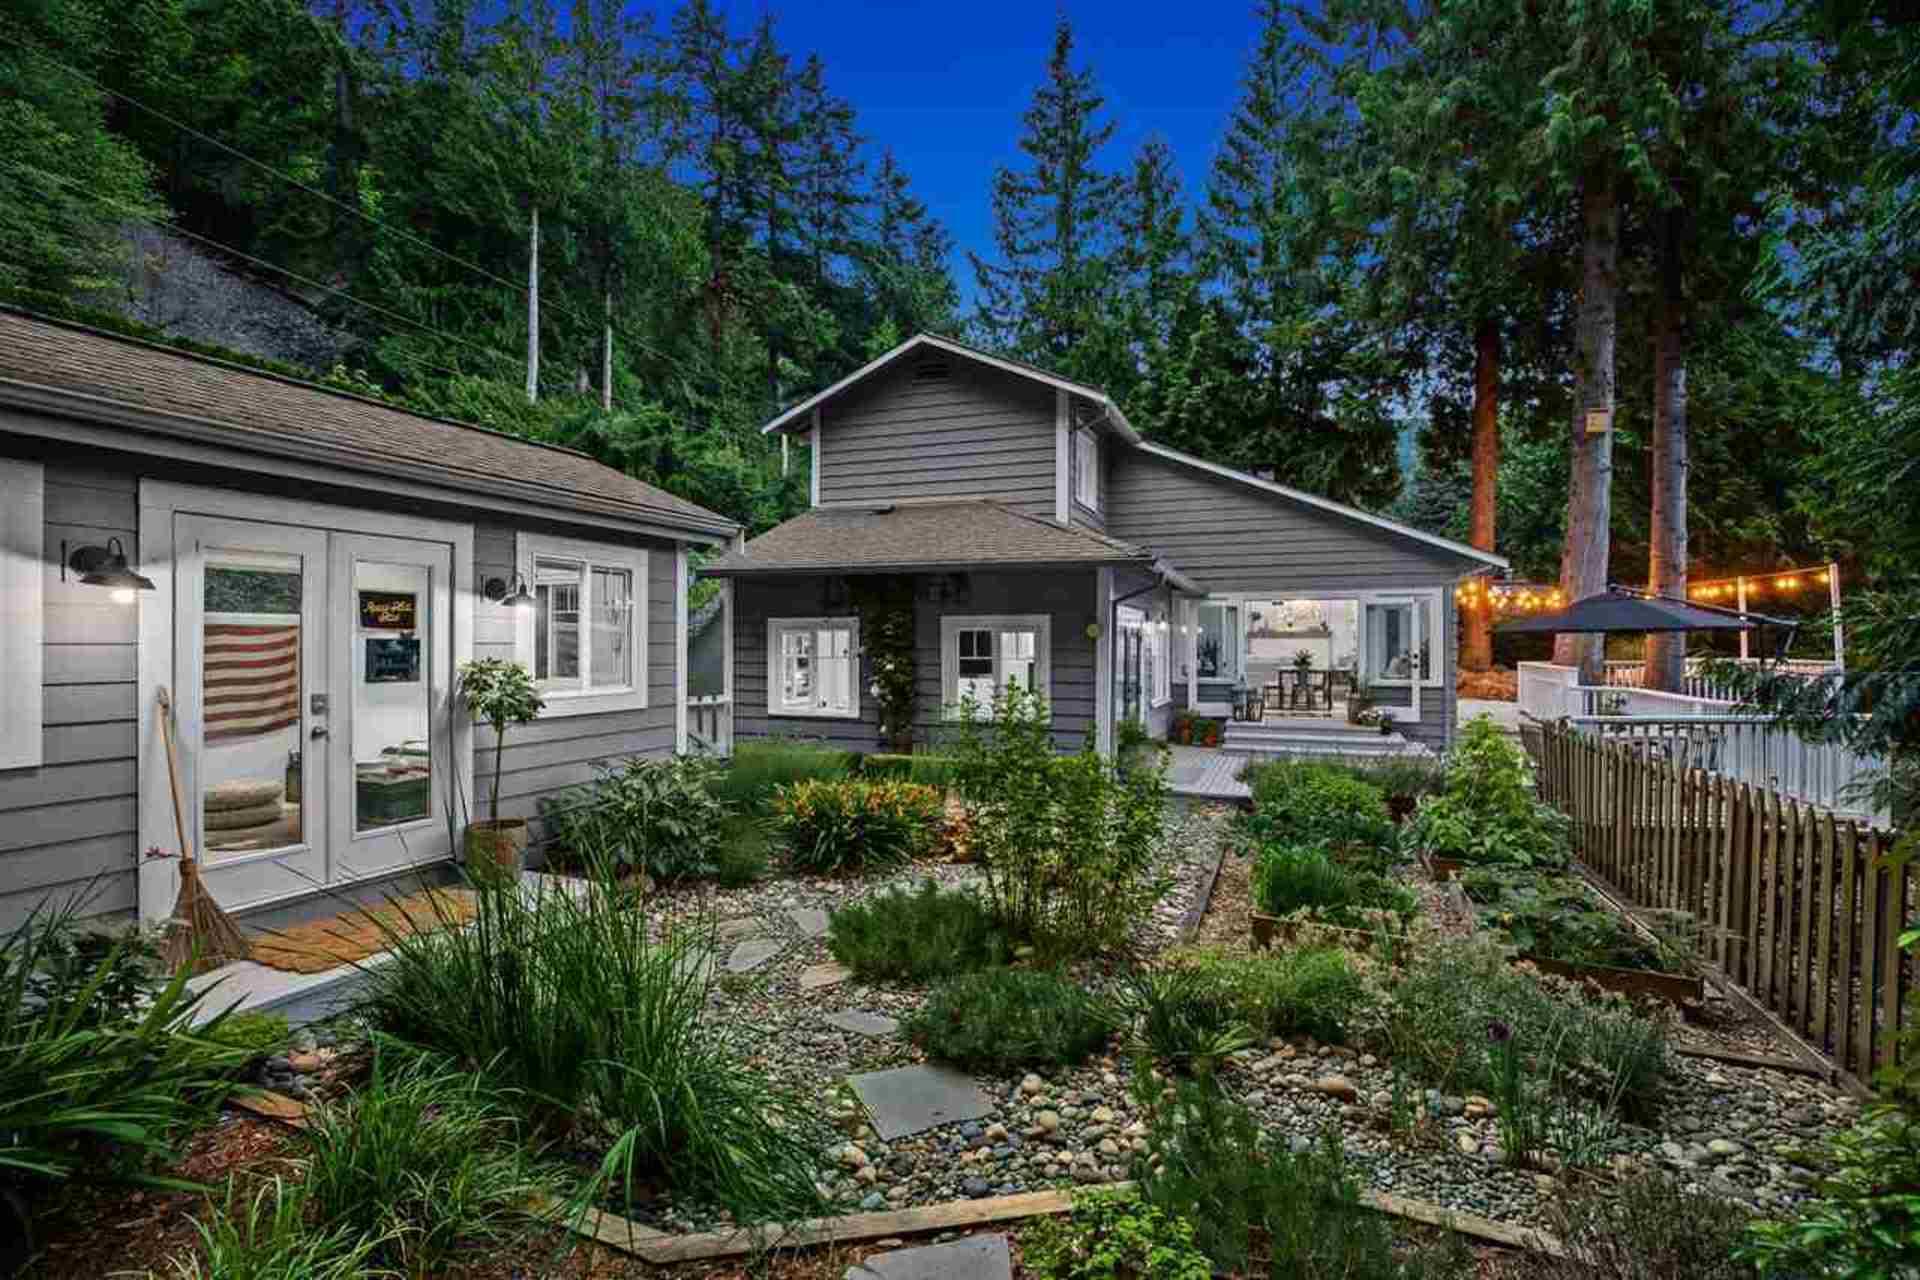 5775-cranley-drive-eagle-harbour-west-vancouver-24 at 5775 Cranley Drive, Eagle Harbour, West Vancouver